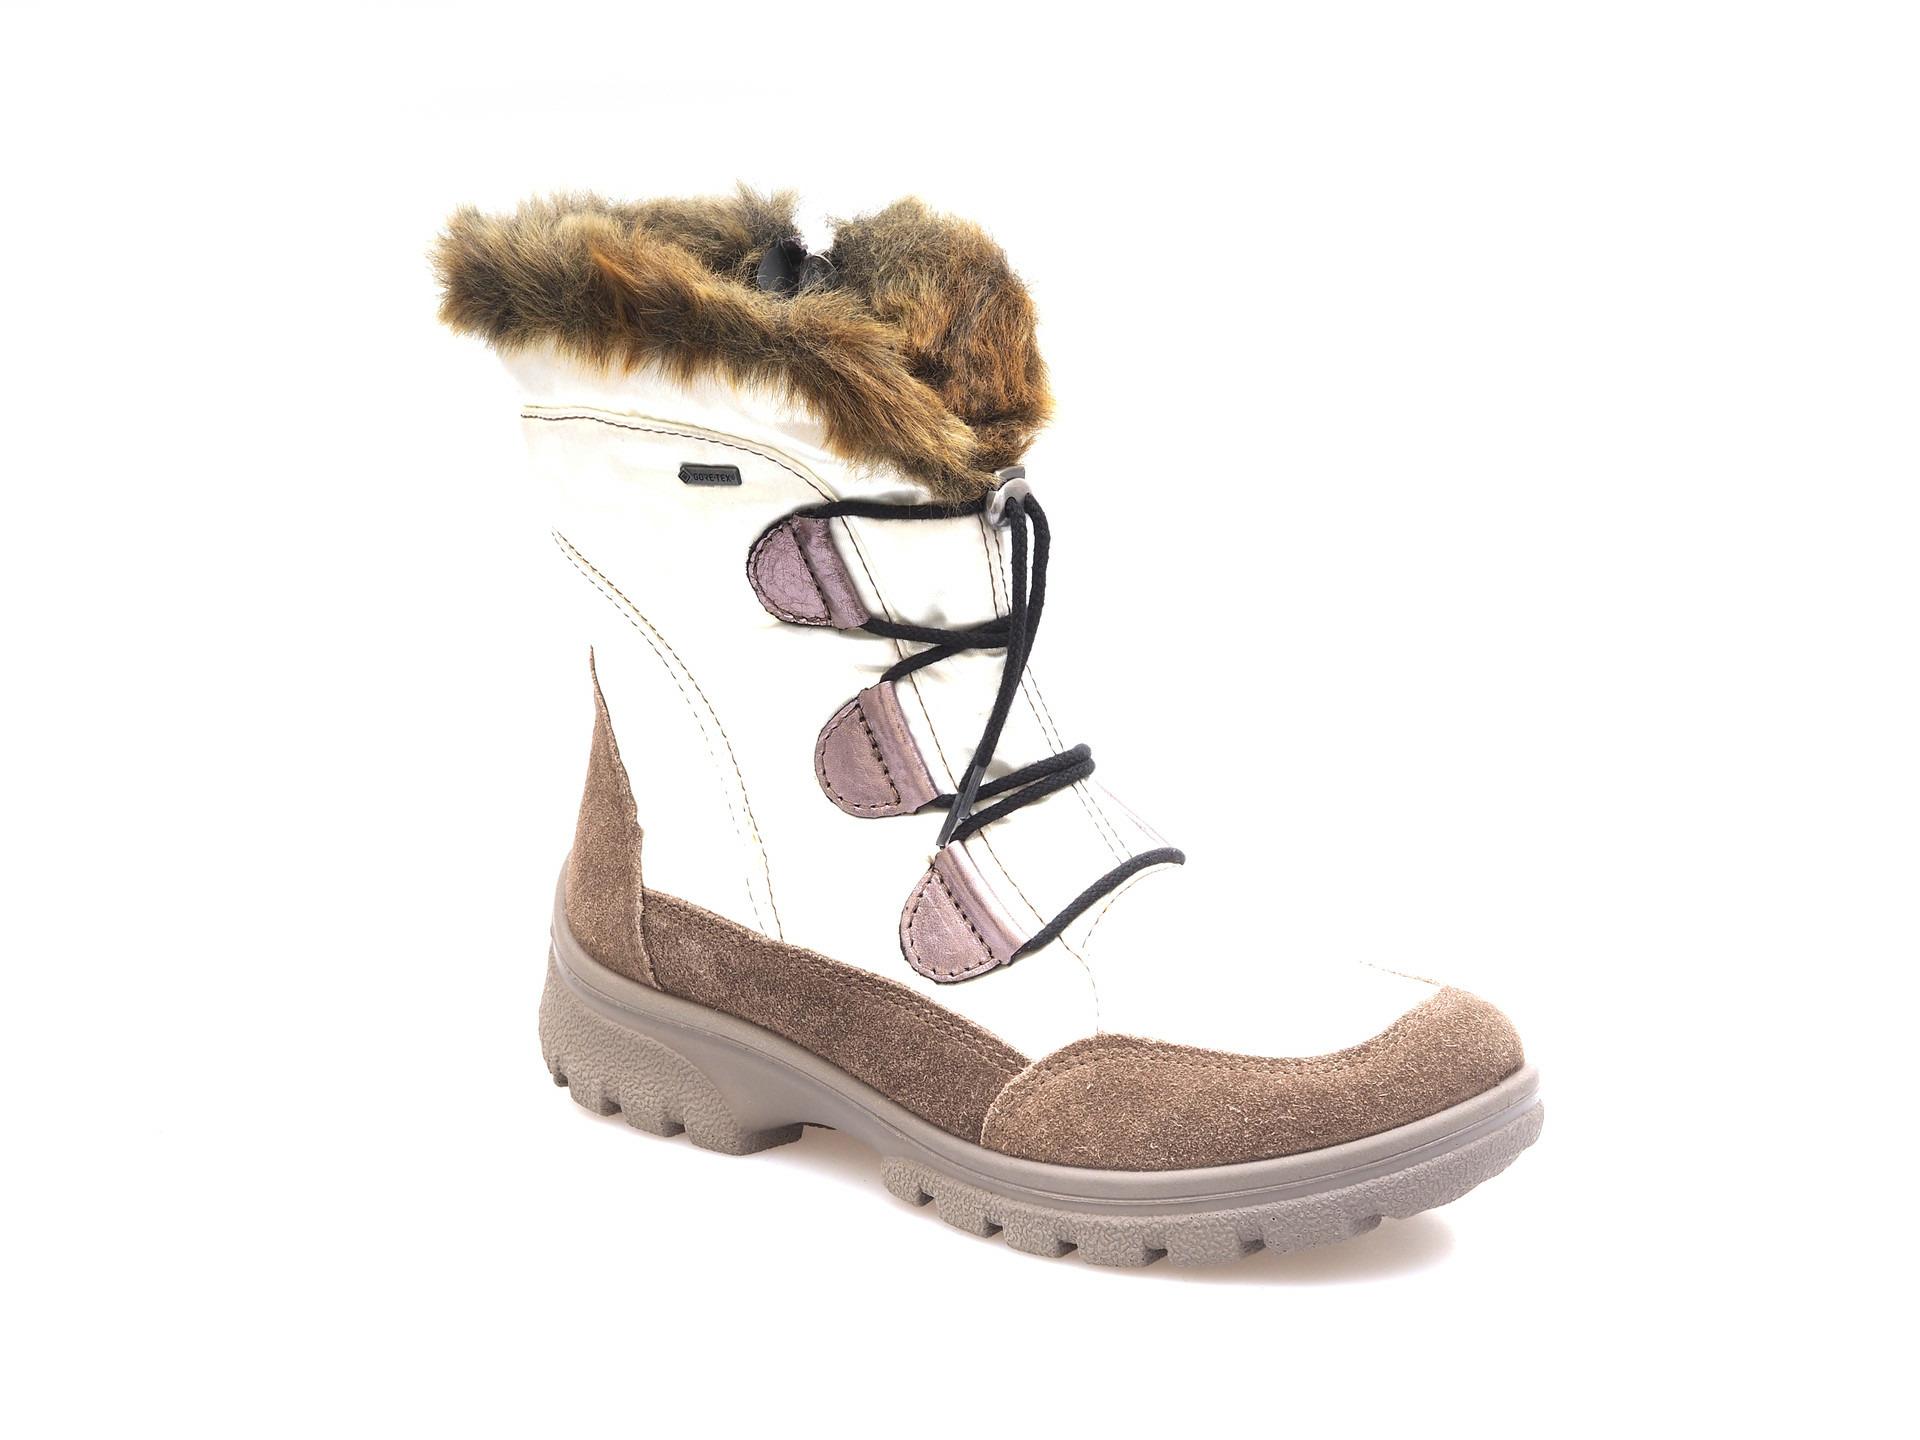 Soňa - Dámska obuv - Kotníčky - Gore-texová dámska obuv značky Ara 8b8568a57c4